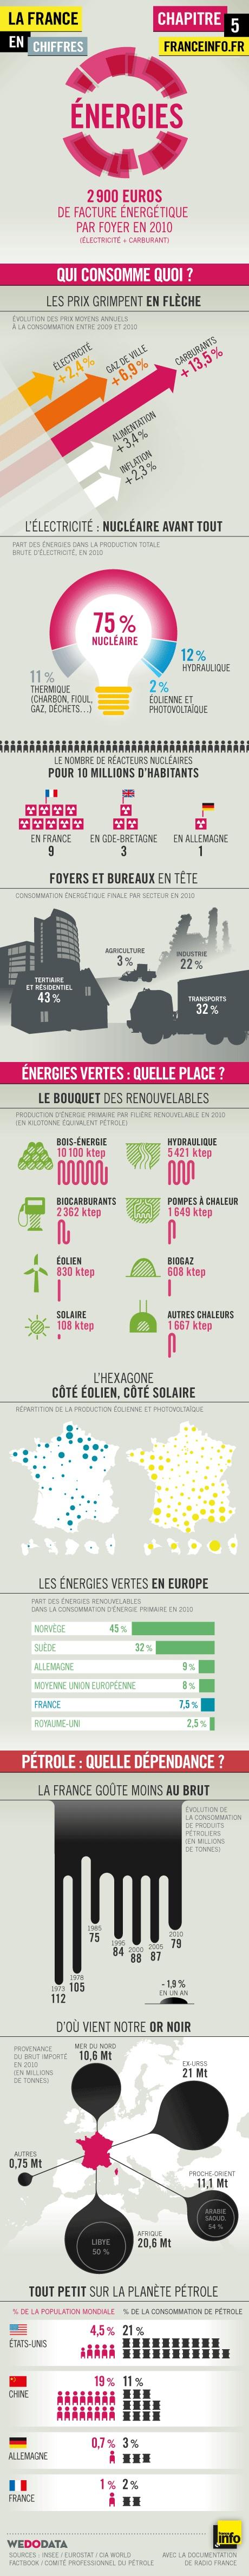 Infographies | La France en chiffres : l'énergie - France Info